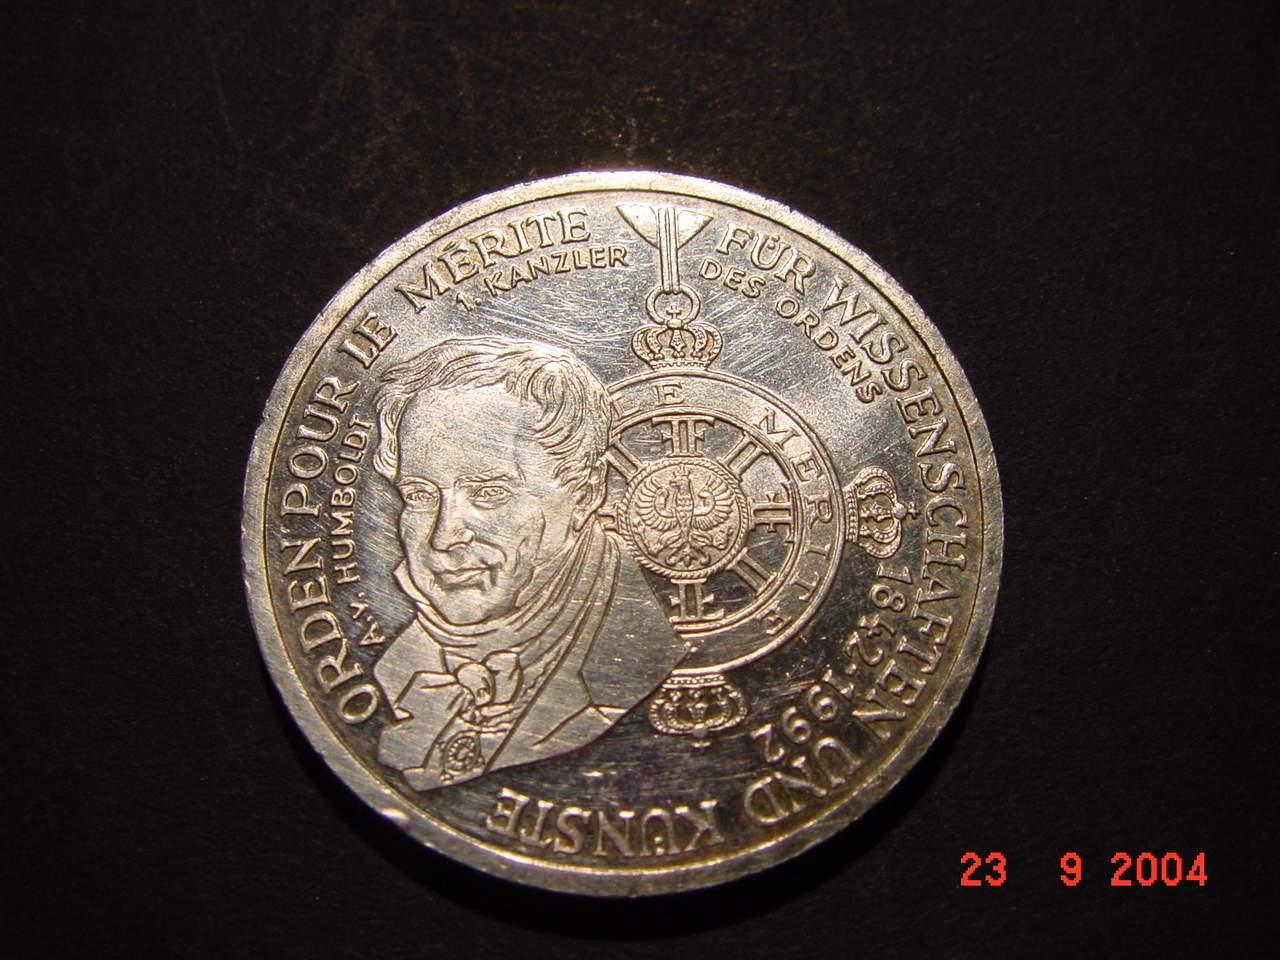 Ankauf Verkauf - Silber ist Gold Wert © goldankaufstelle-bayern.de ...